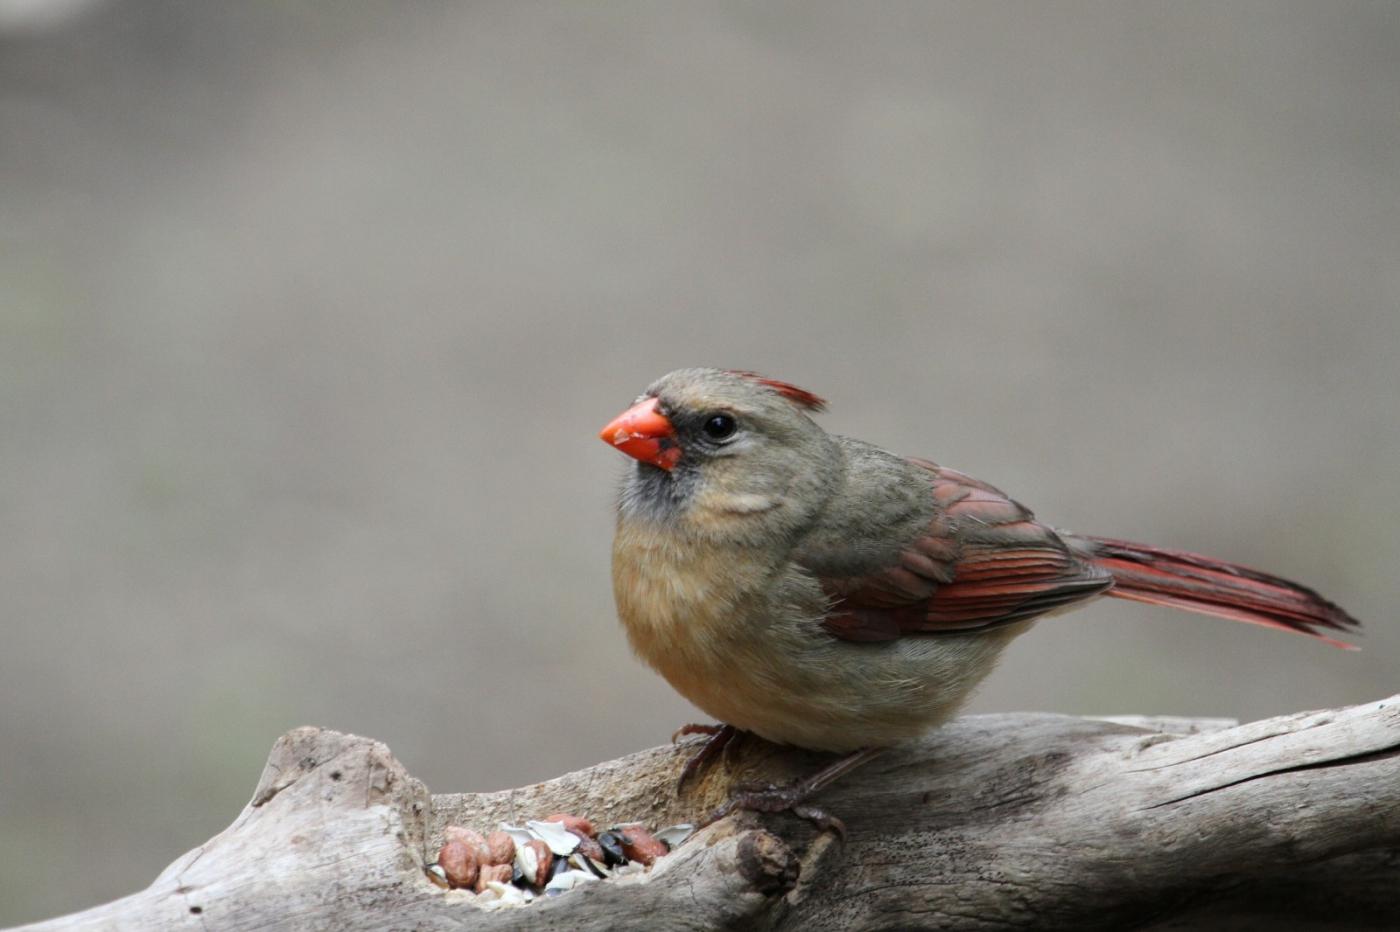 【田螺摄影】有吃的主教鸟还会挑肥拣瘦_图1-3